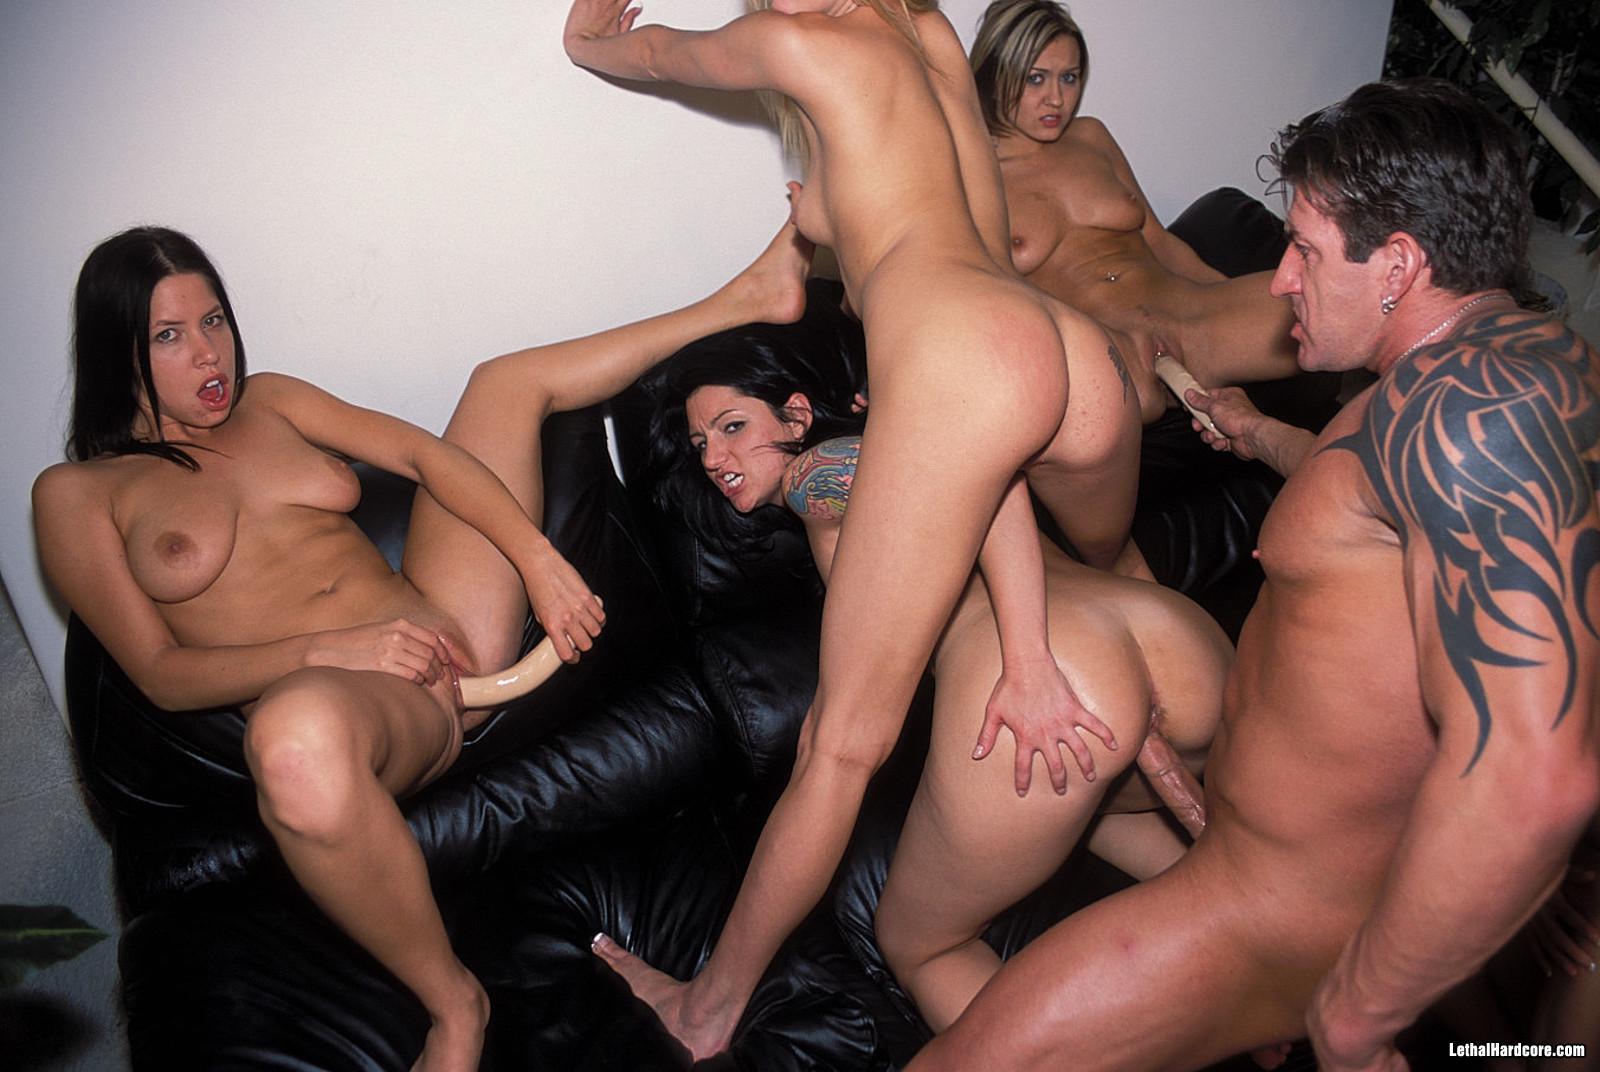 Студенческое порно в общаге ролики, Порно русских студенток (18 лет) на 18 фотография